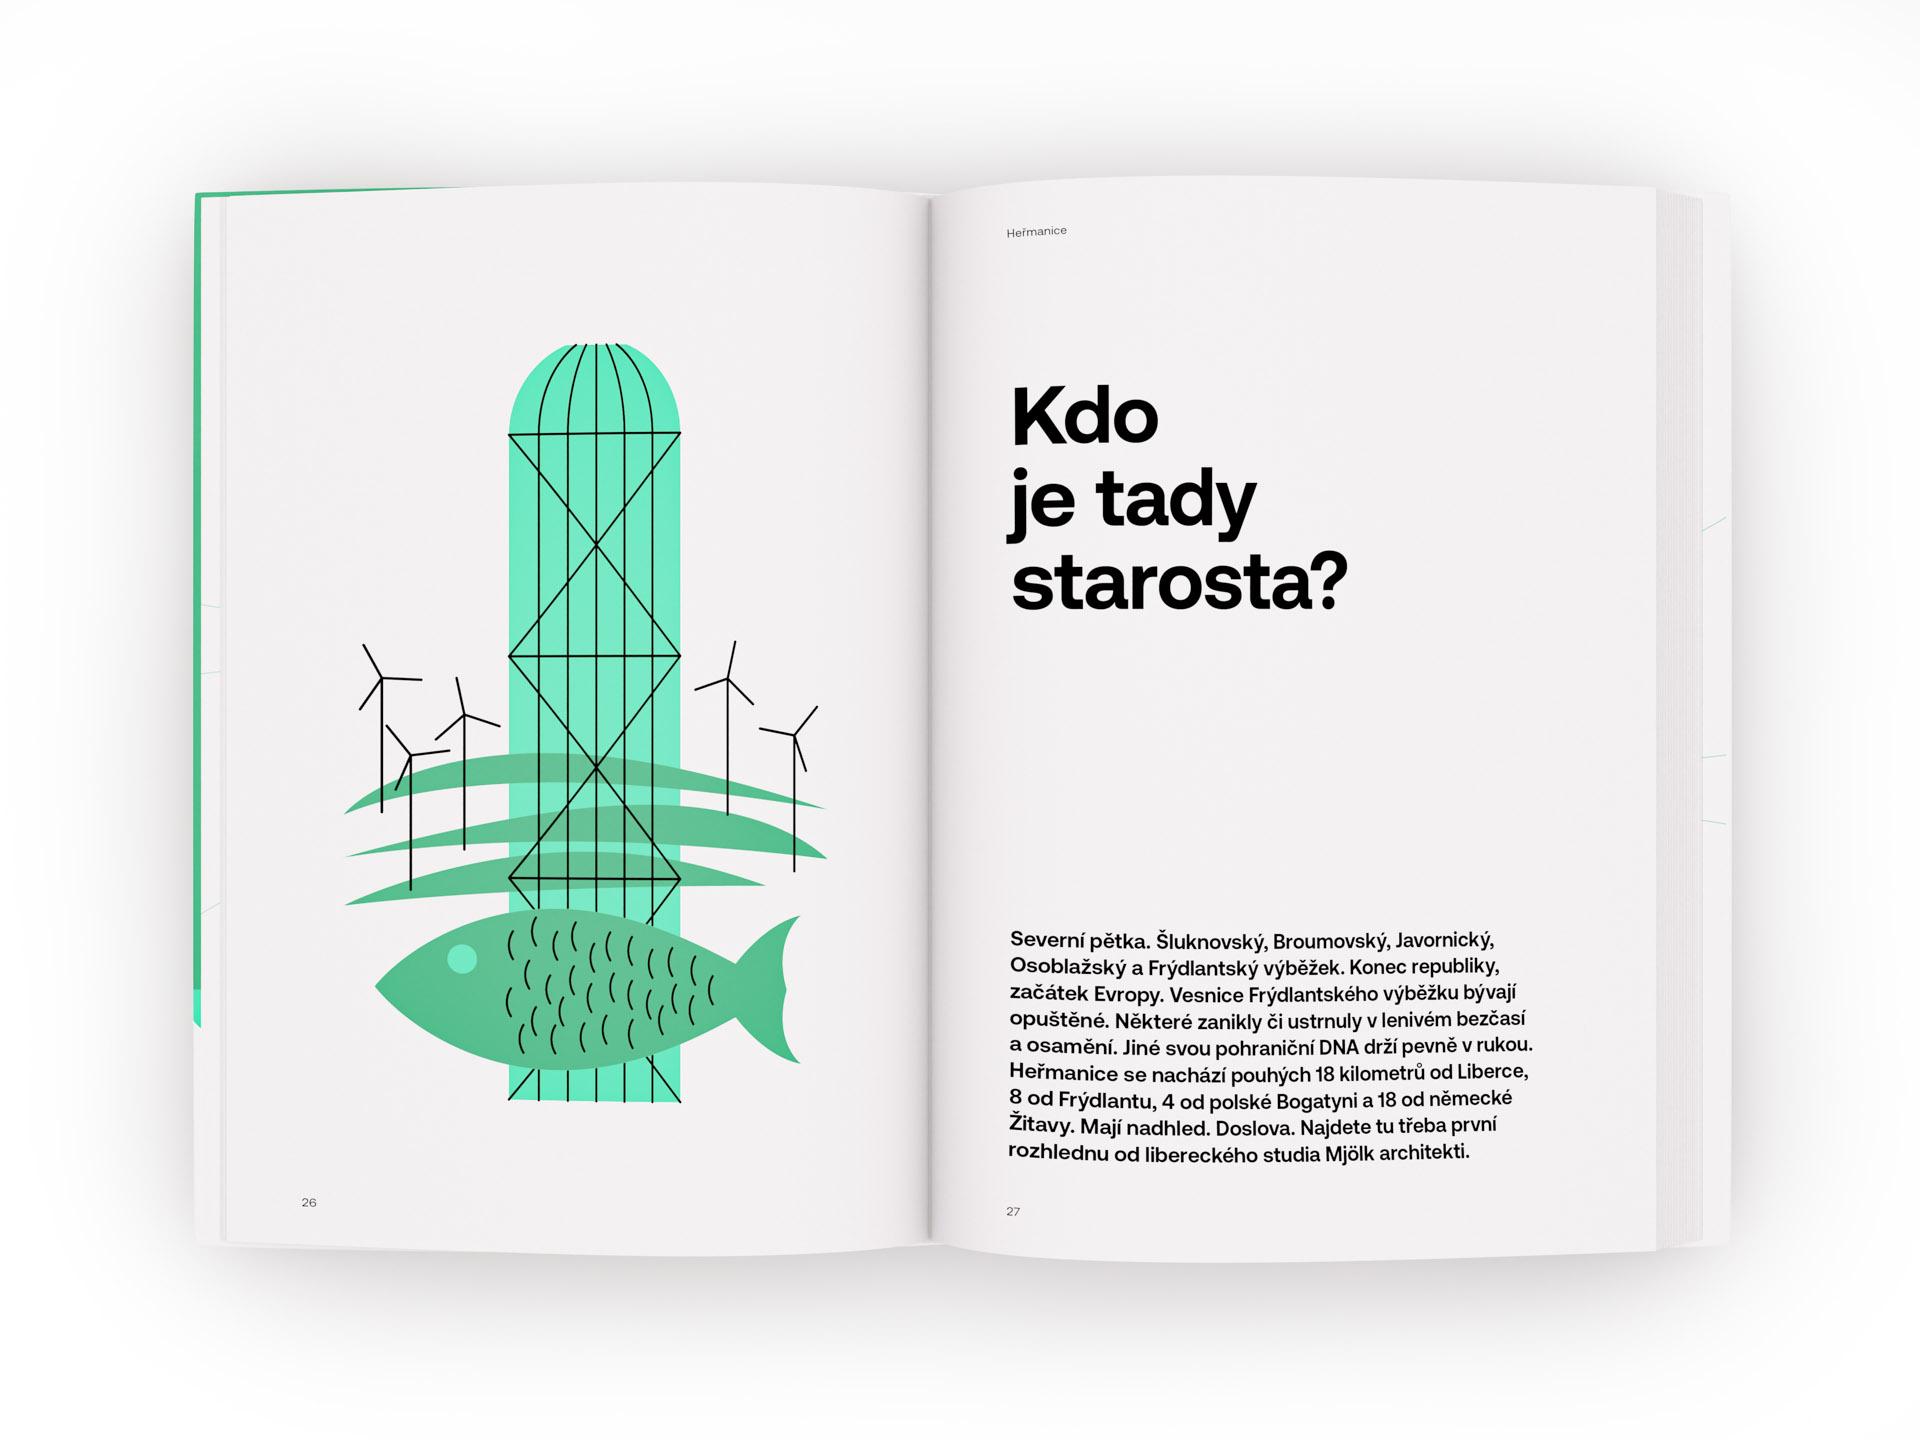 Možnosti vesnice – kapitola 02, Kdo je tady starosta – úvodní ilustrace